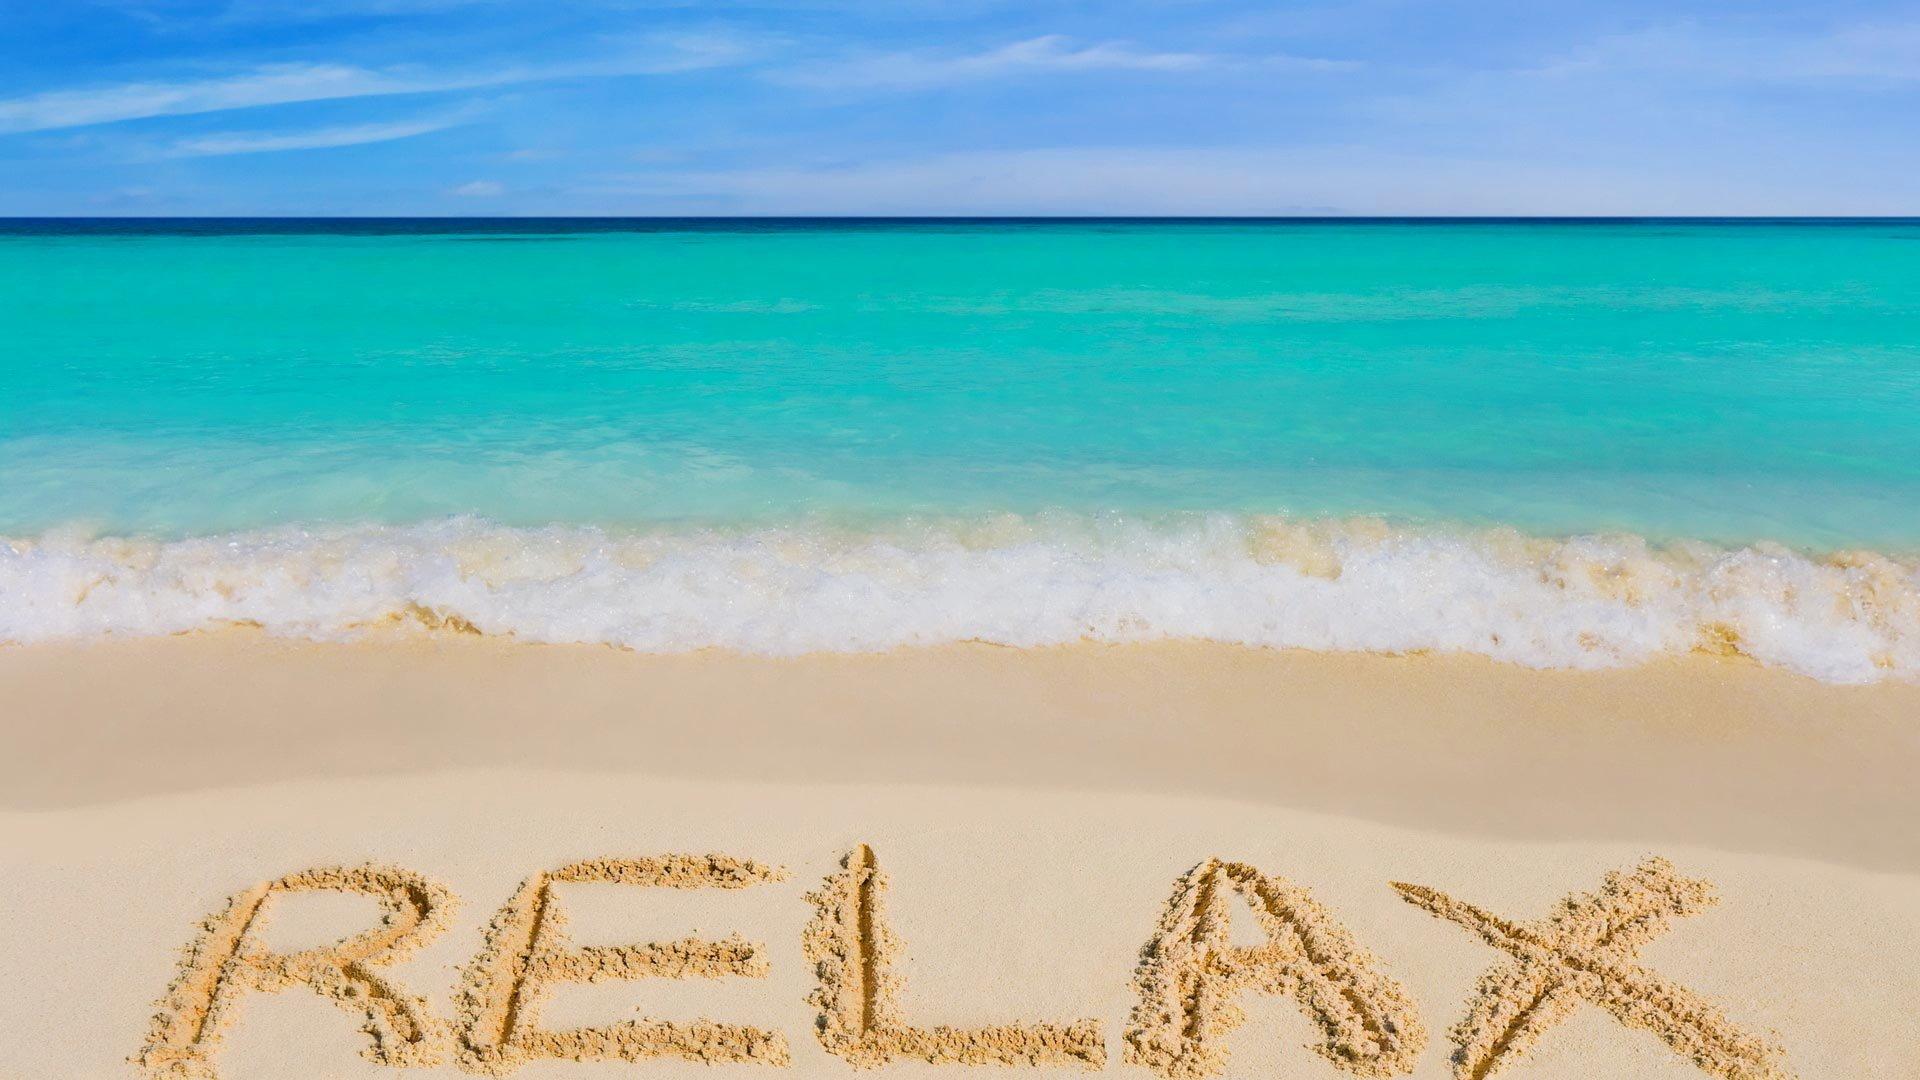 Playa Fondo De Pantalla HD